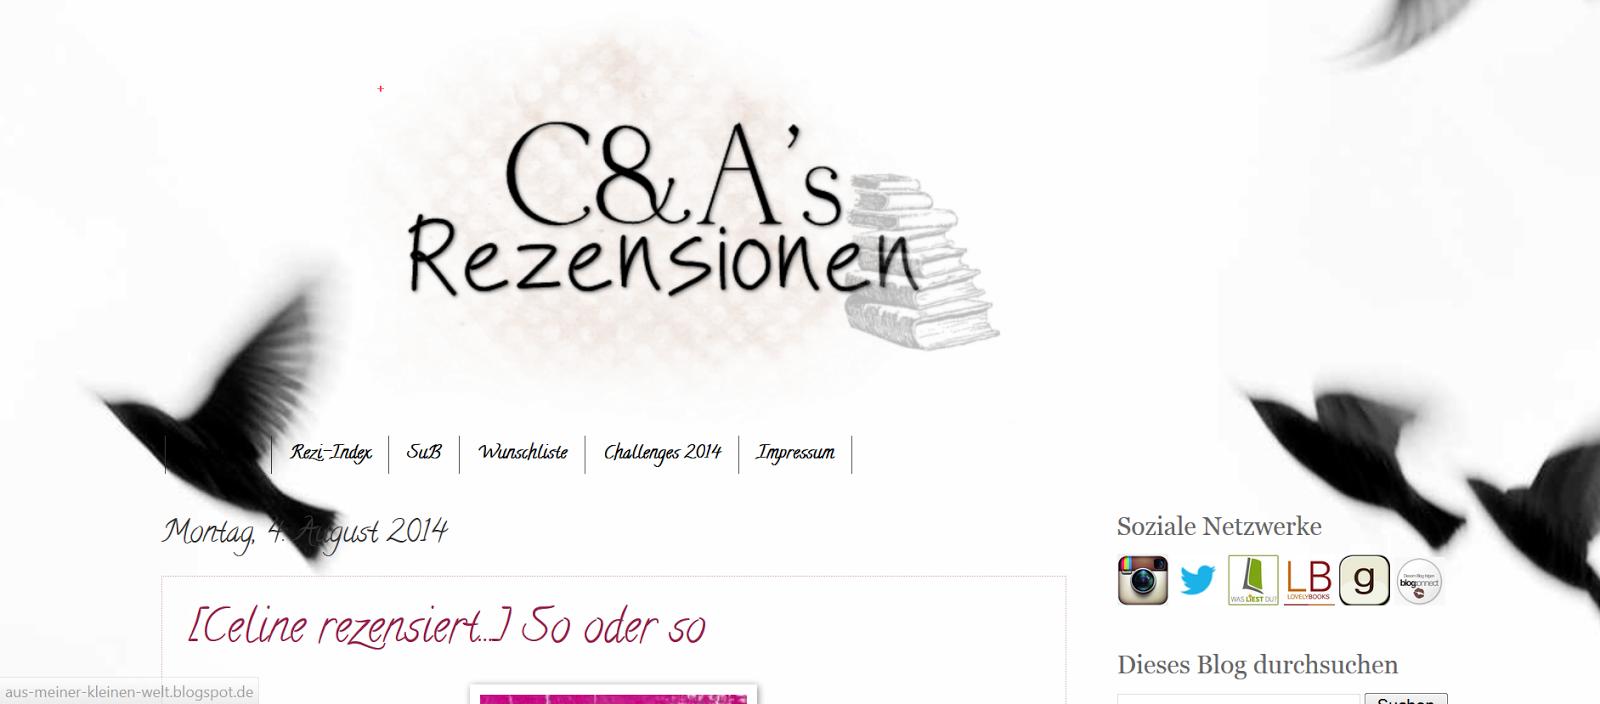 http://aus-meiner-kleinen-welt.blogspot.de/